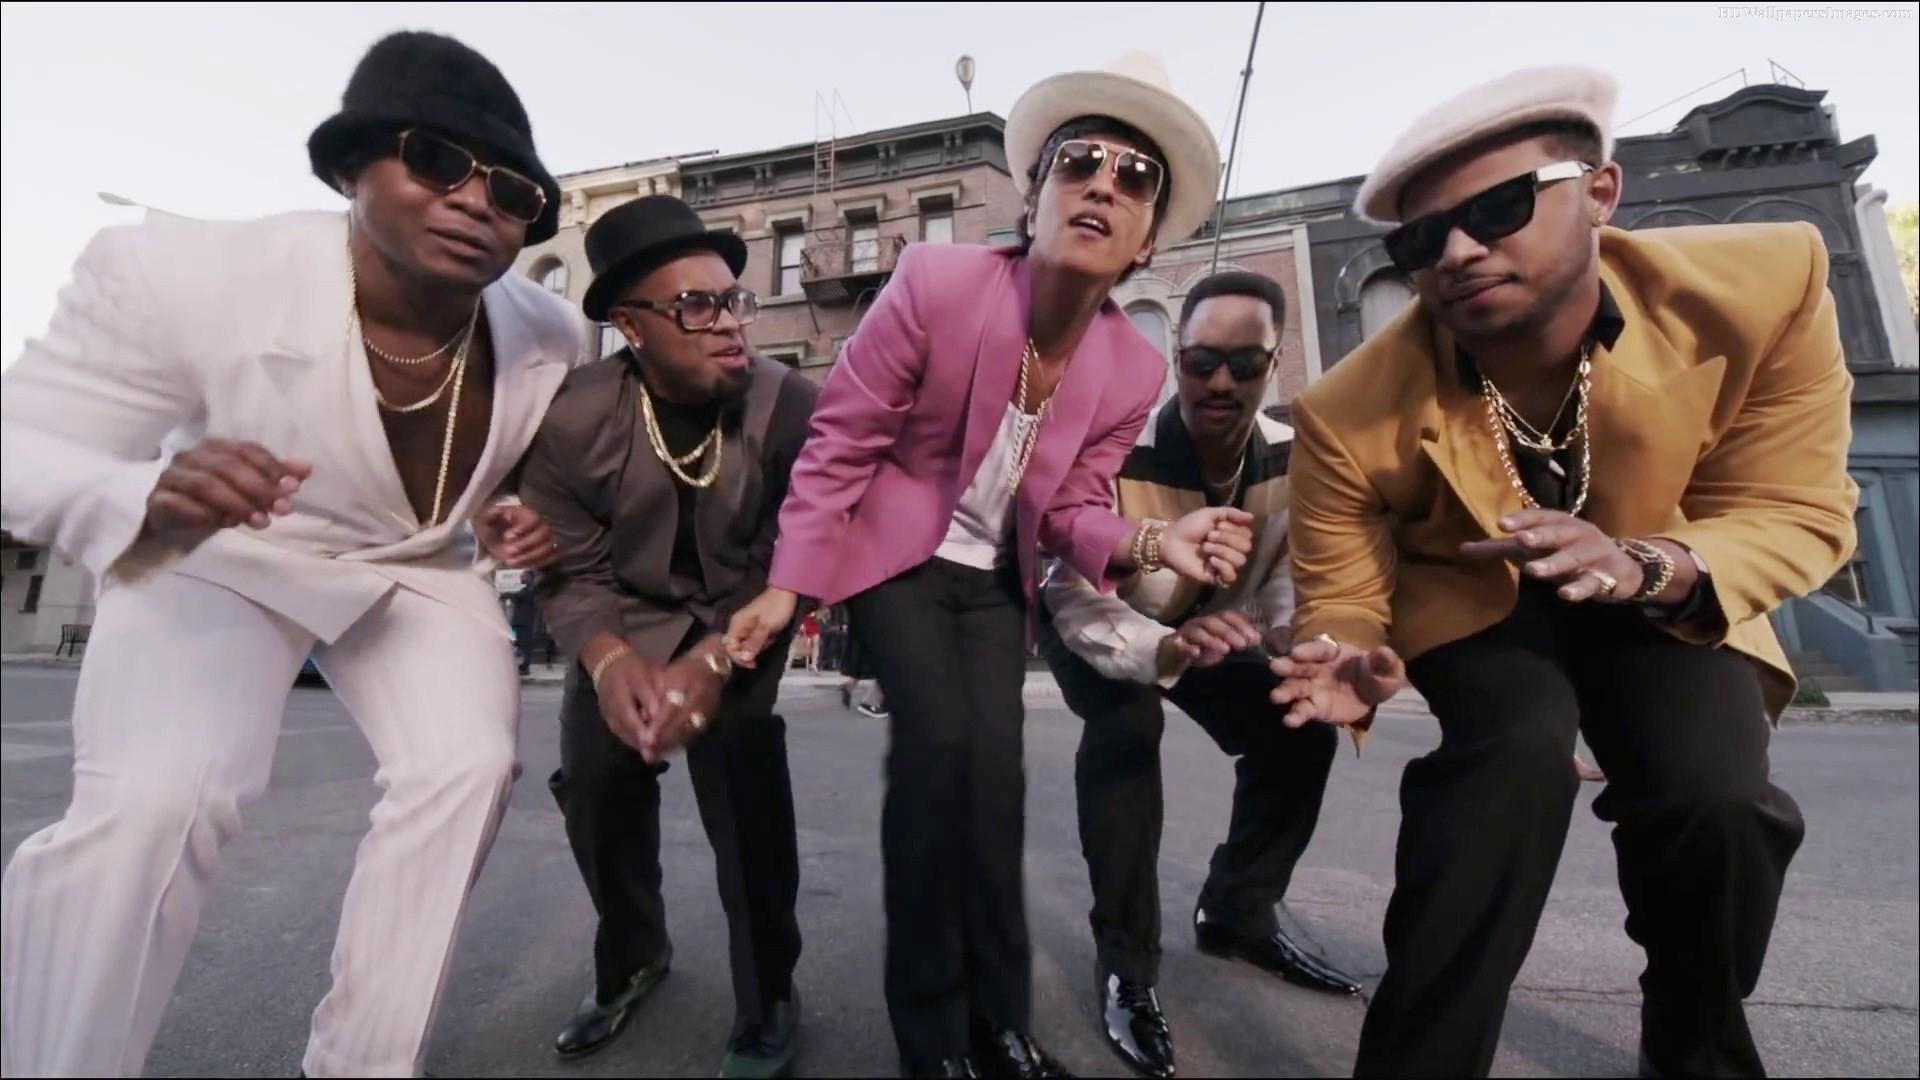 """[상길TV]뮤직 - 마크 론슨의 """"Uptown Funk(ft.Bruno Mars)"""" 텍스트 뮤직비디오 ..."""